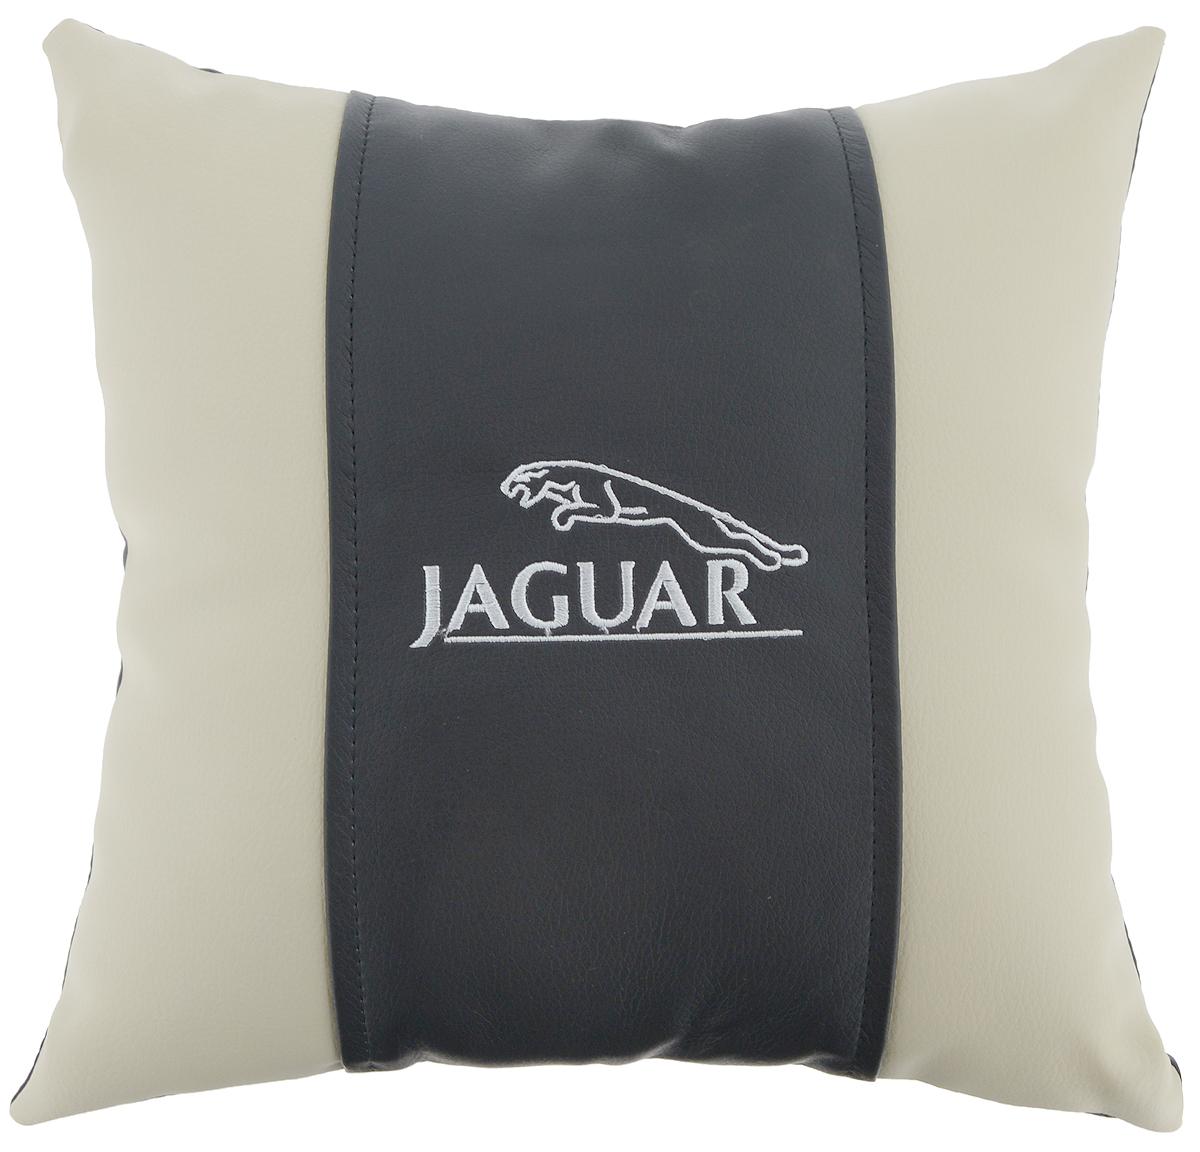 Подушка на сиденье Autoparts Jaguar, 30 х 30 см94672Подушка на сиденье Autoparts Jaguar создана для тех, кто весь свой день вынужден проводить за рулем. Чехол выполнен из высококачественной дышащей экокожи. Наполнителем служит холлофайбер. На задней части подушки имеется змейка.Особенности подушки:- Хорошо проветривается.- Предупреждает потение.- Поддерживает комфортную температуру.- Обминается по форме тела.- Улучшает кровообращение.- Исключает затечные явления.- Предупреждает развитие заболеваний, связанных с сидячим образом жизни. Подушка также будет полезна и дома - при работе за компьютером, школьникам - при выполнении домашних работ, да и в любимом кресле перед телевизором.